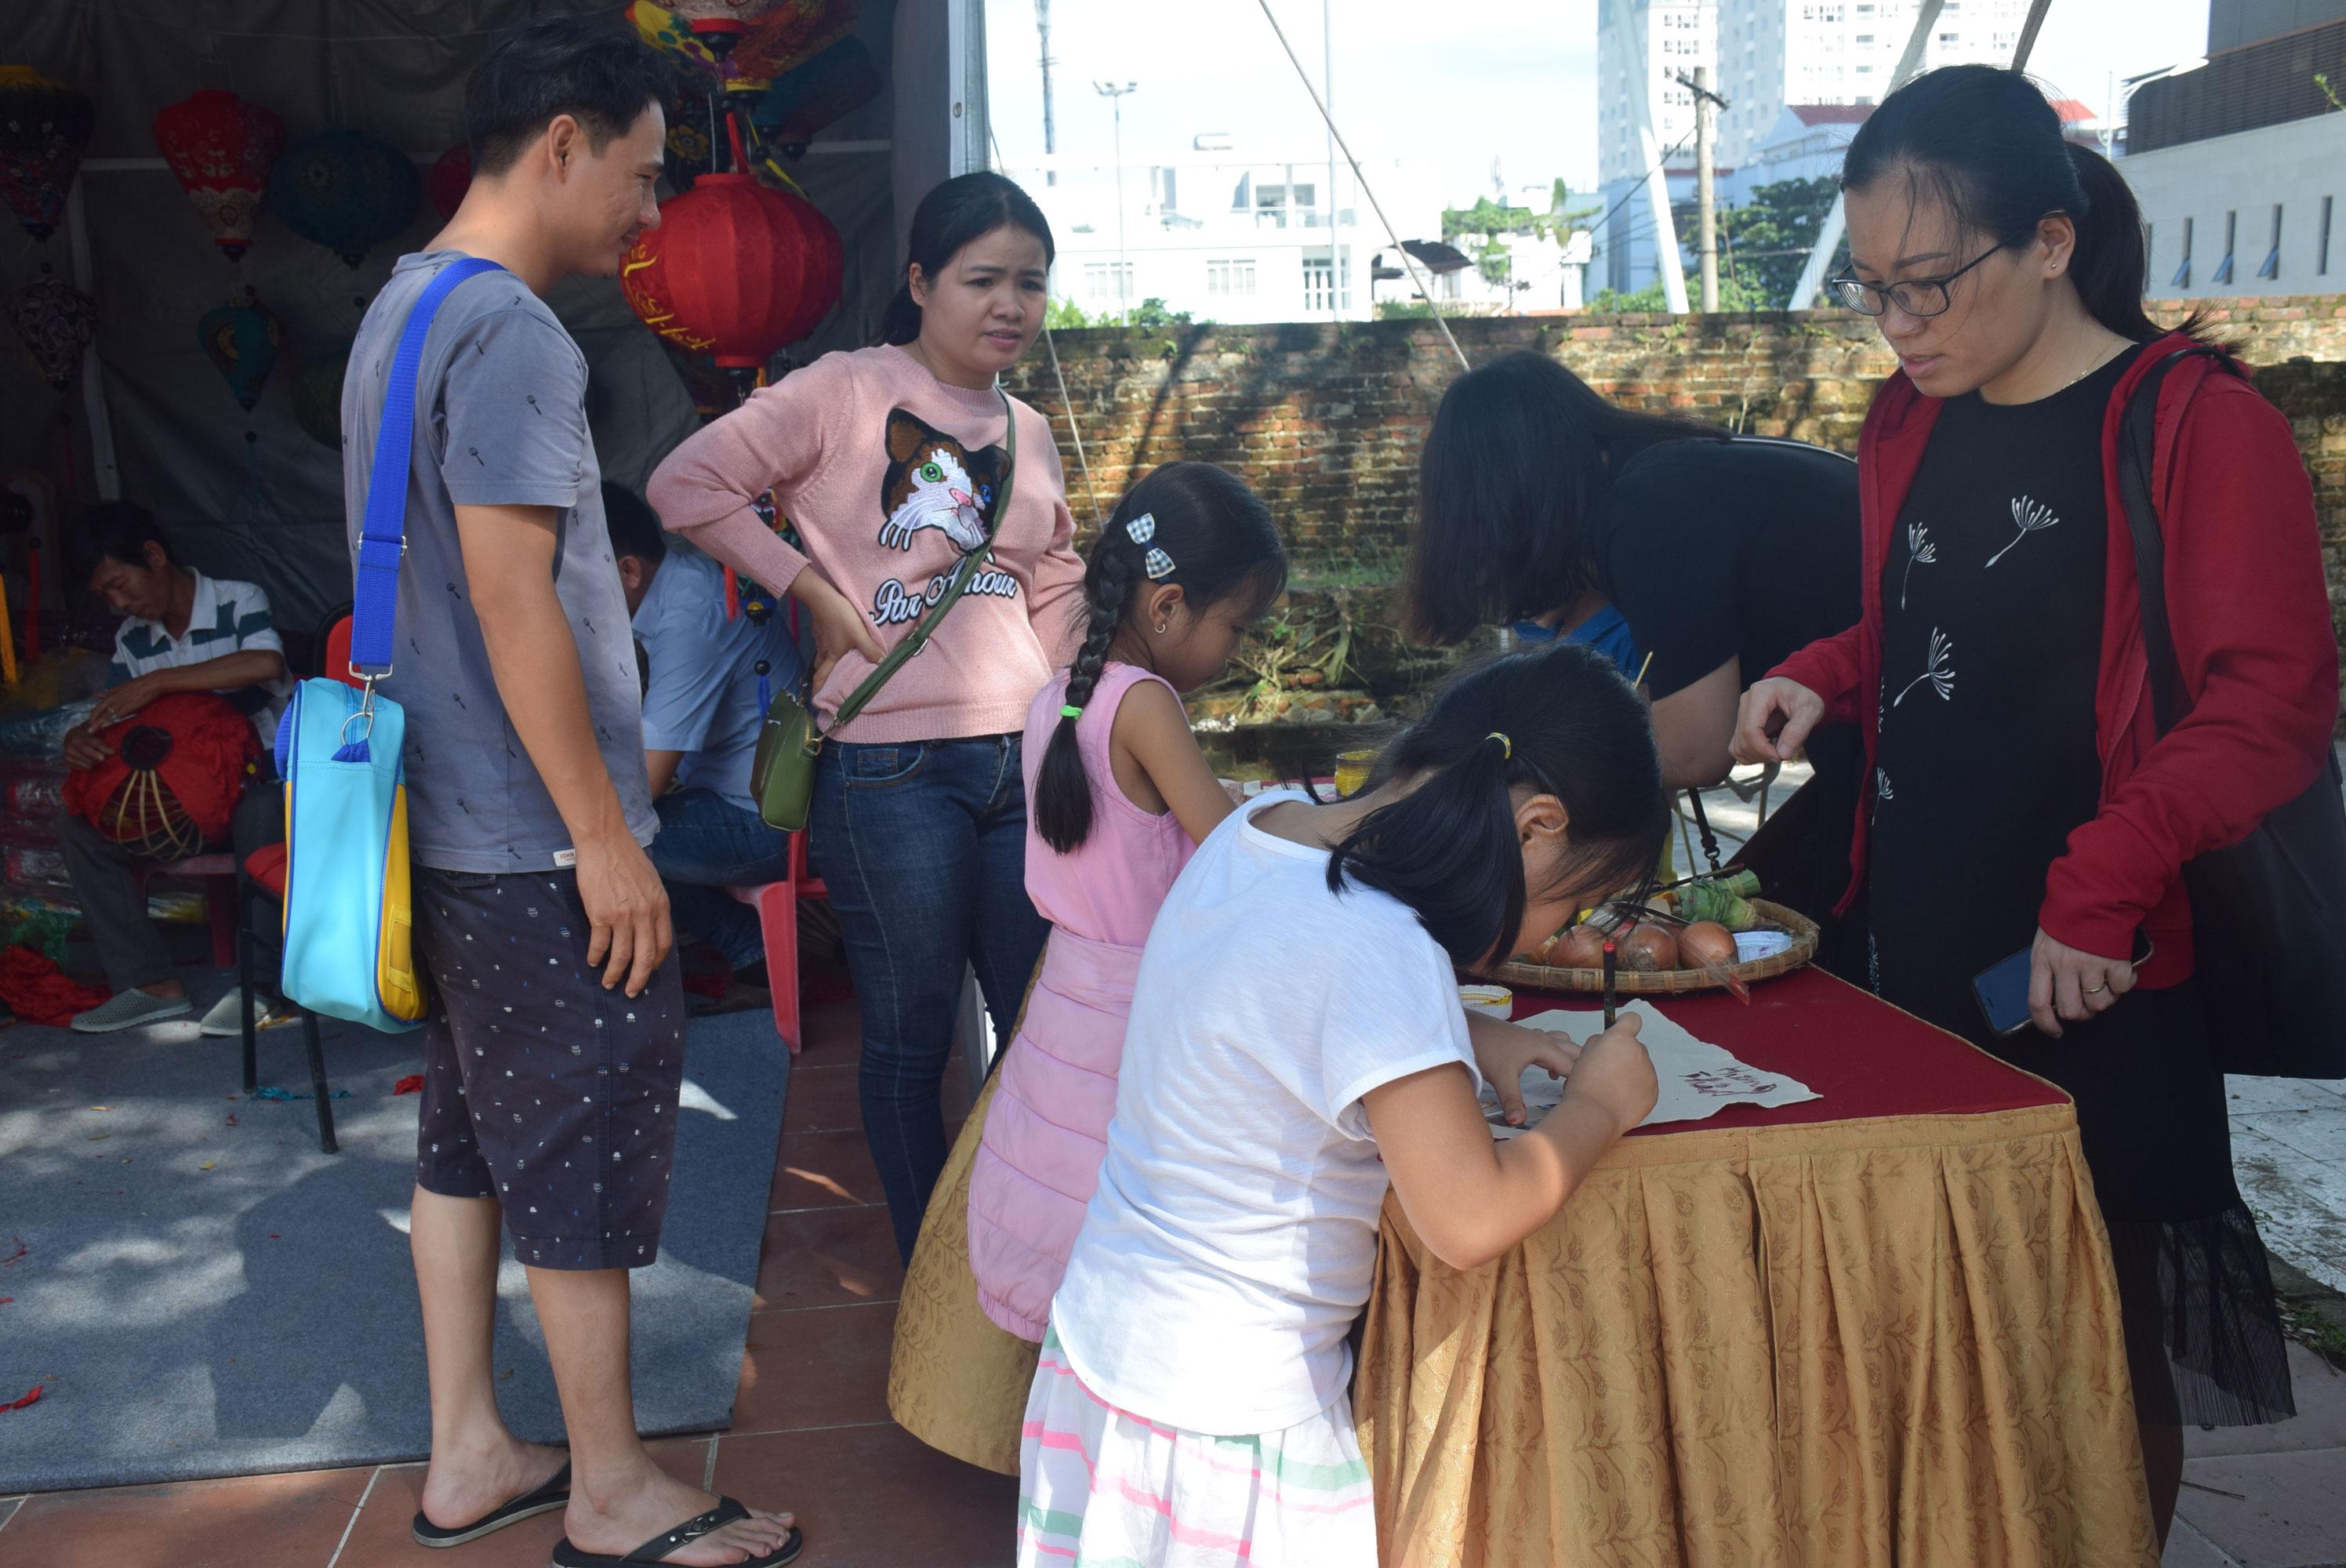 Liên hoan làng nghề truyền thống xứ Quảng năm 2017 tại Bảo Tàng Đà Nẵng - 12